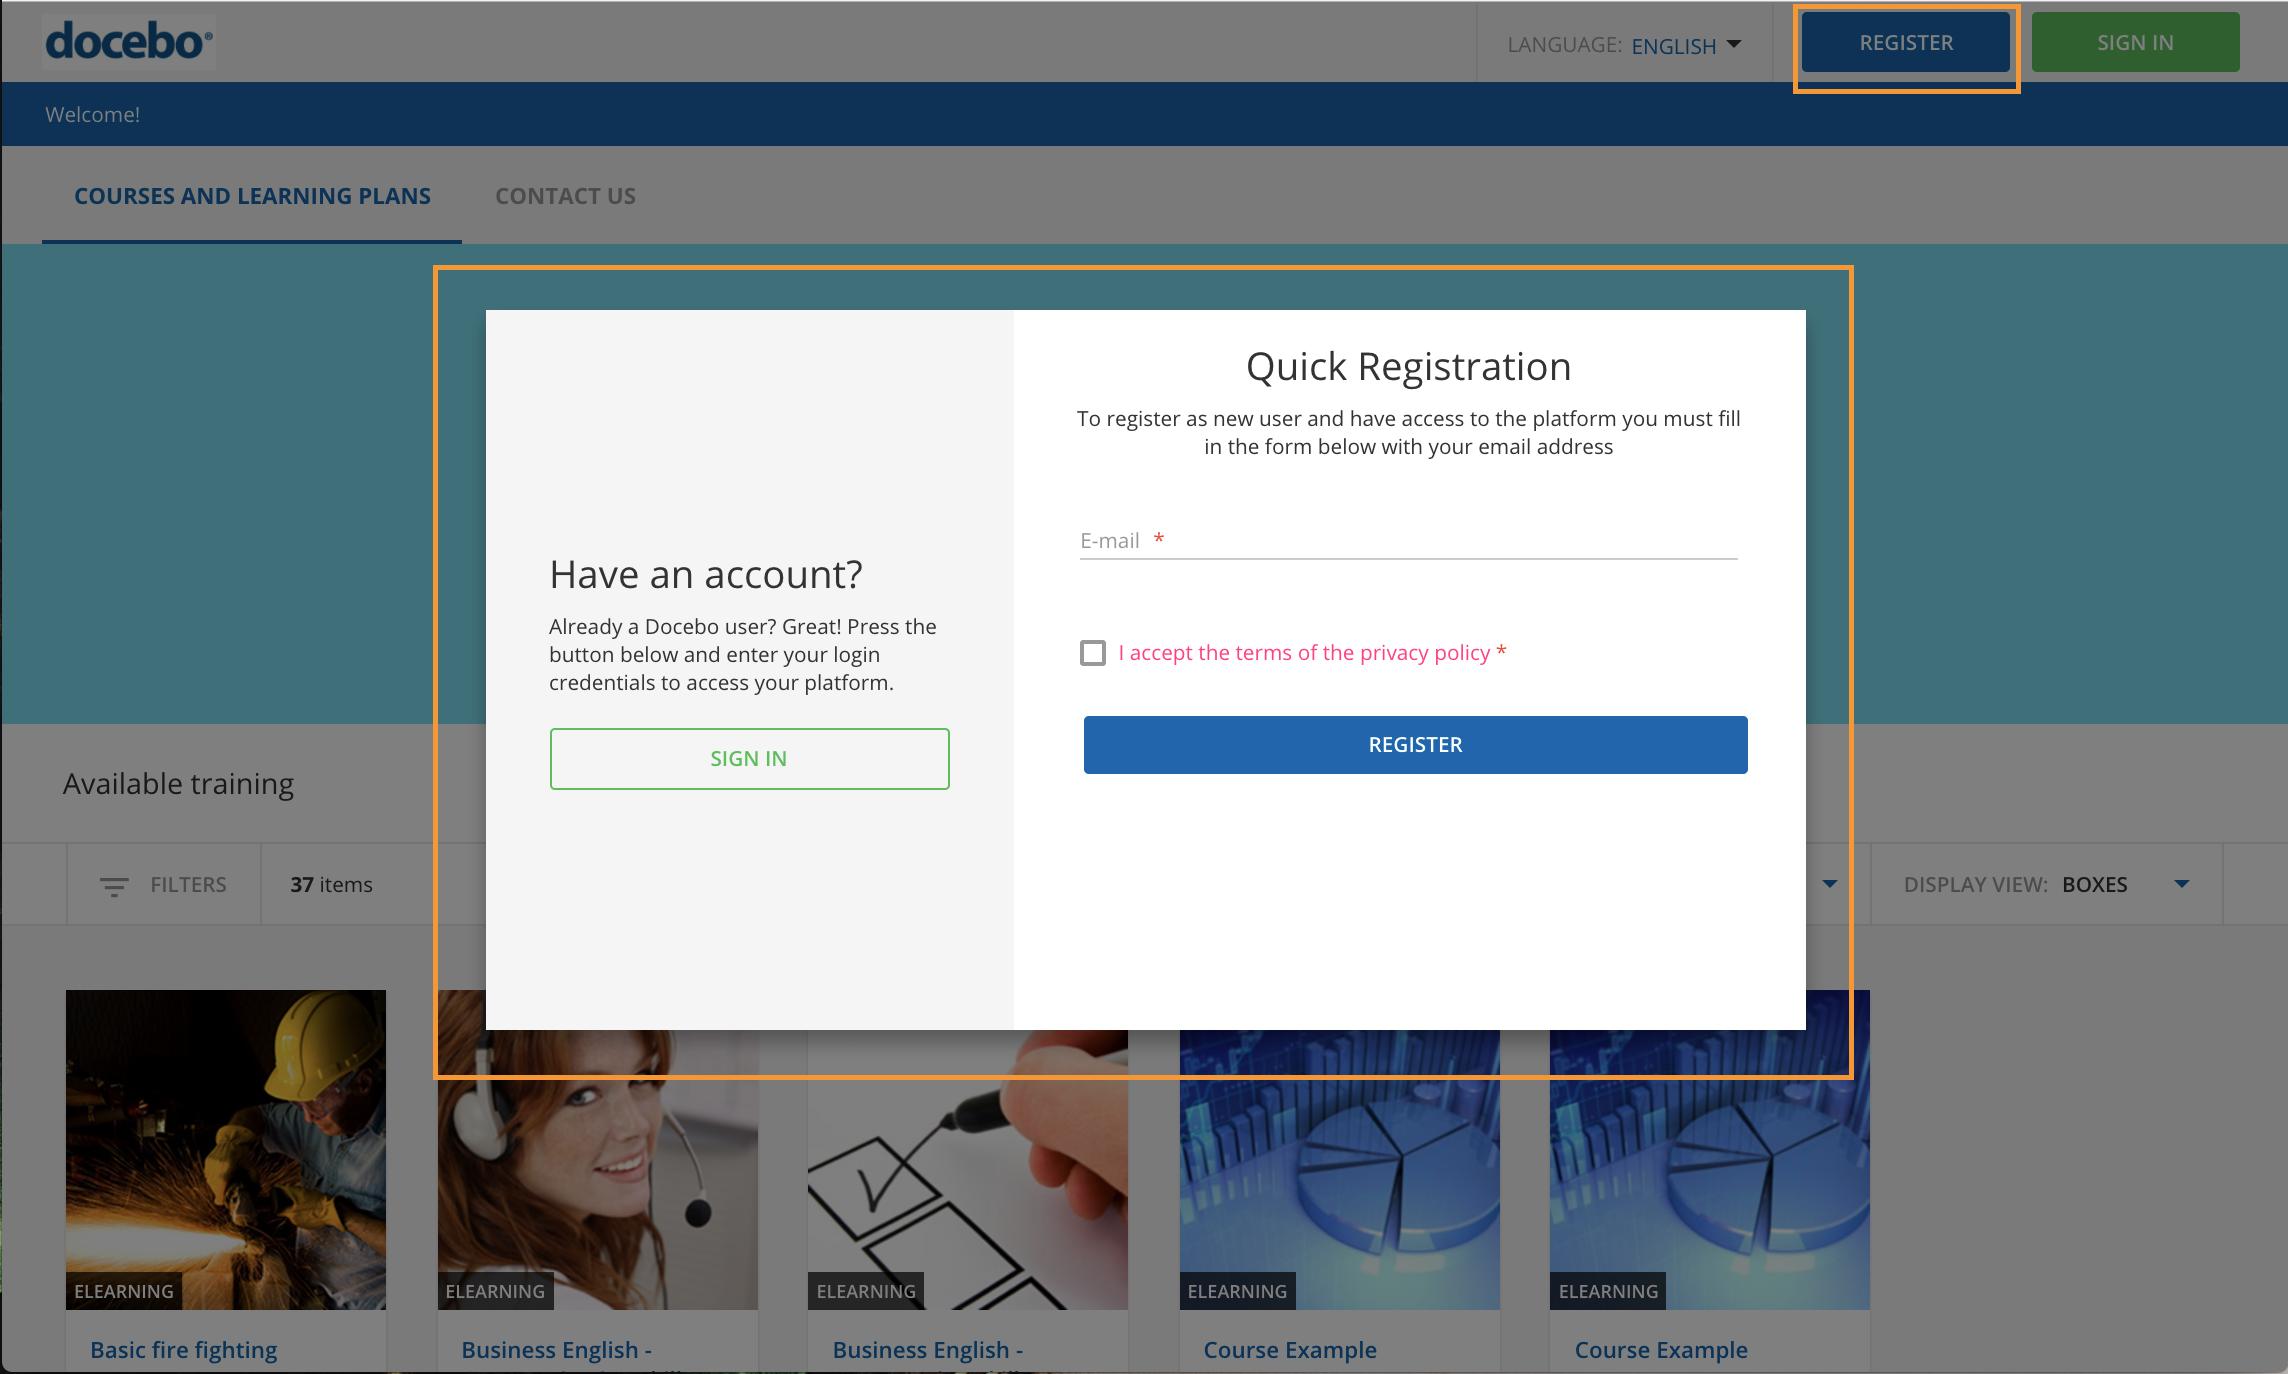 quick registration learner